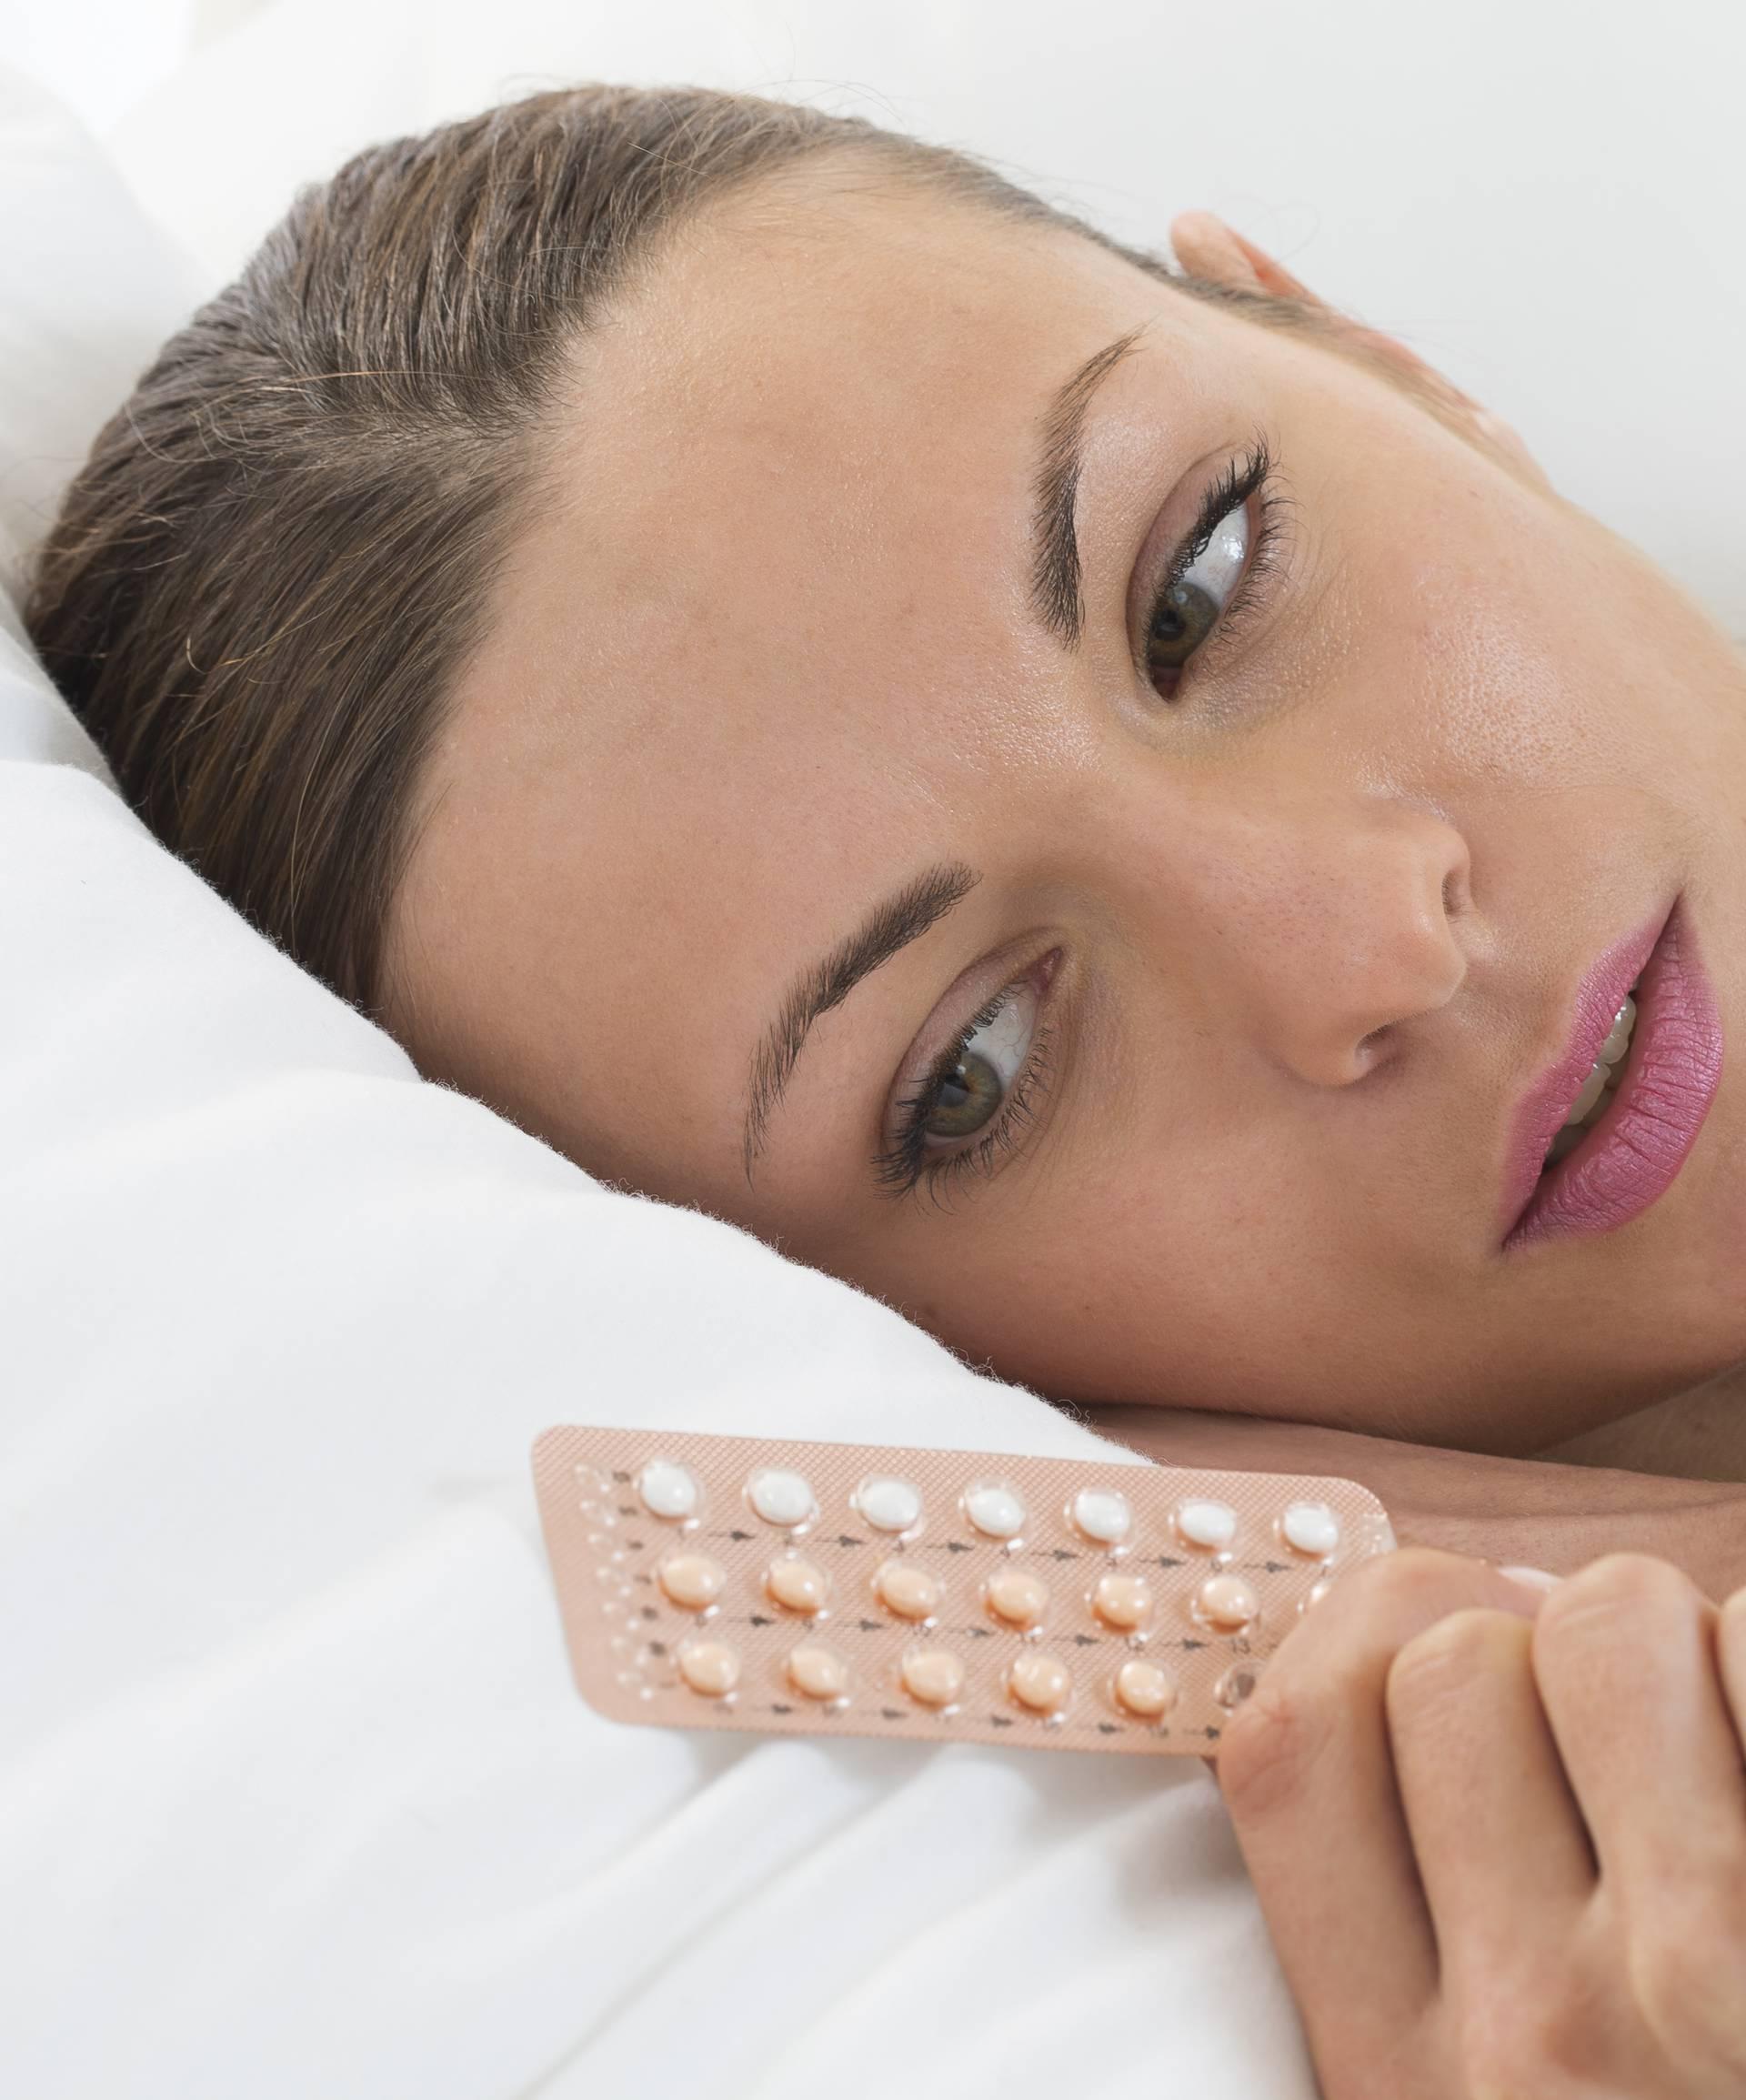 Pilula čuva od trudnoće, a zbog nje žene imaju slabiju empatiju